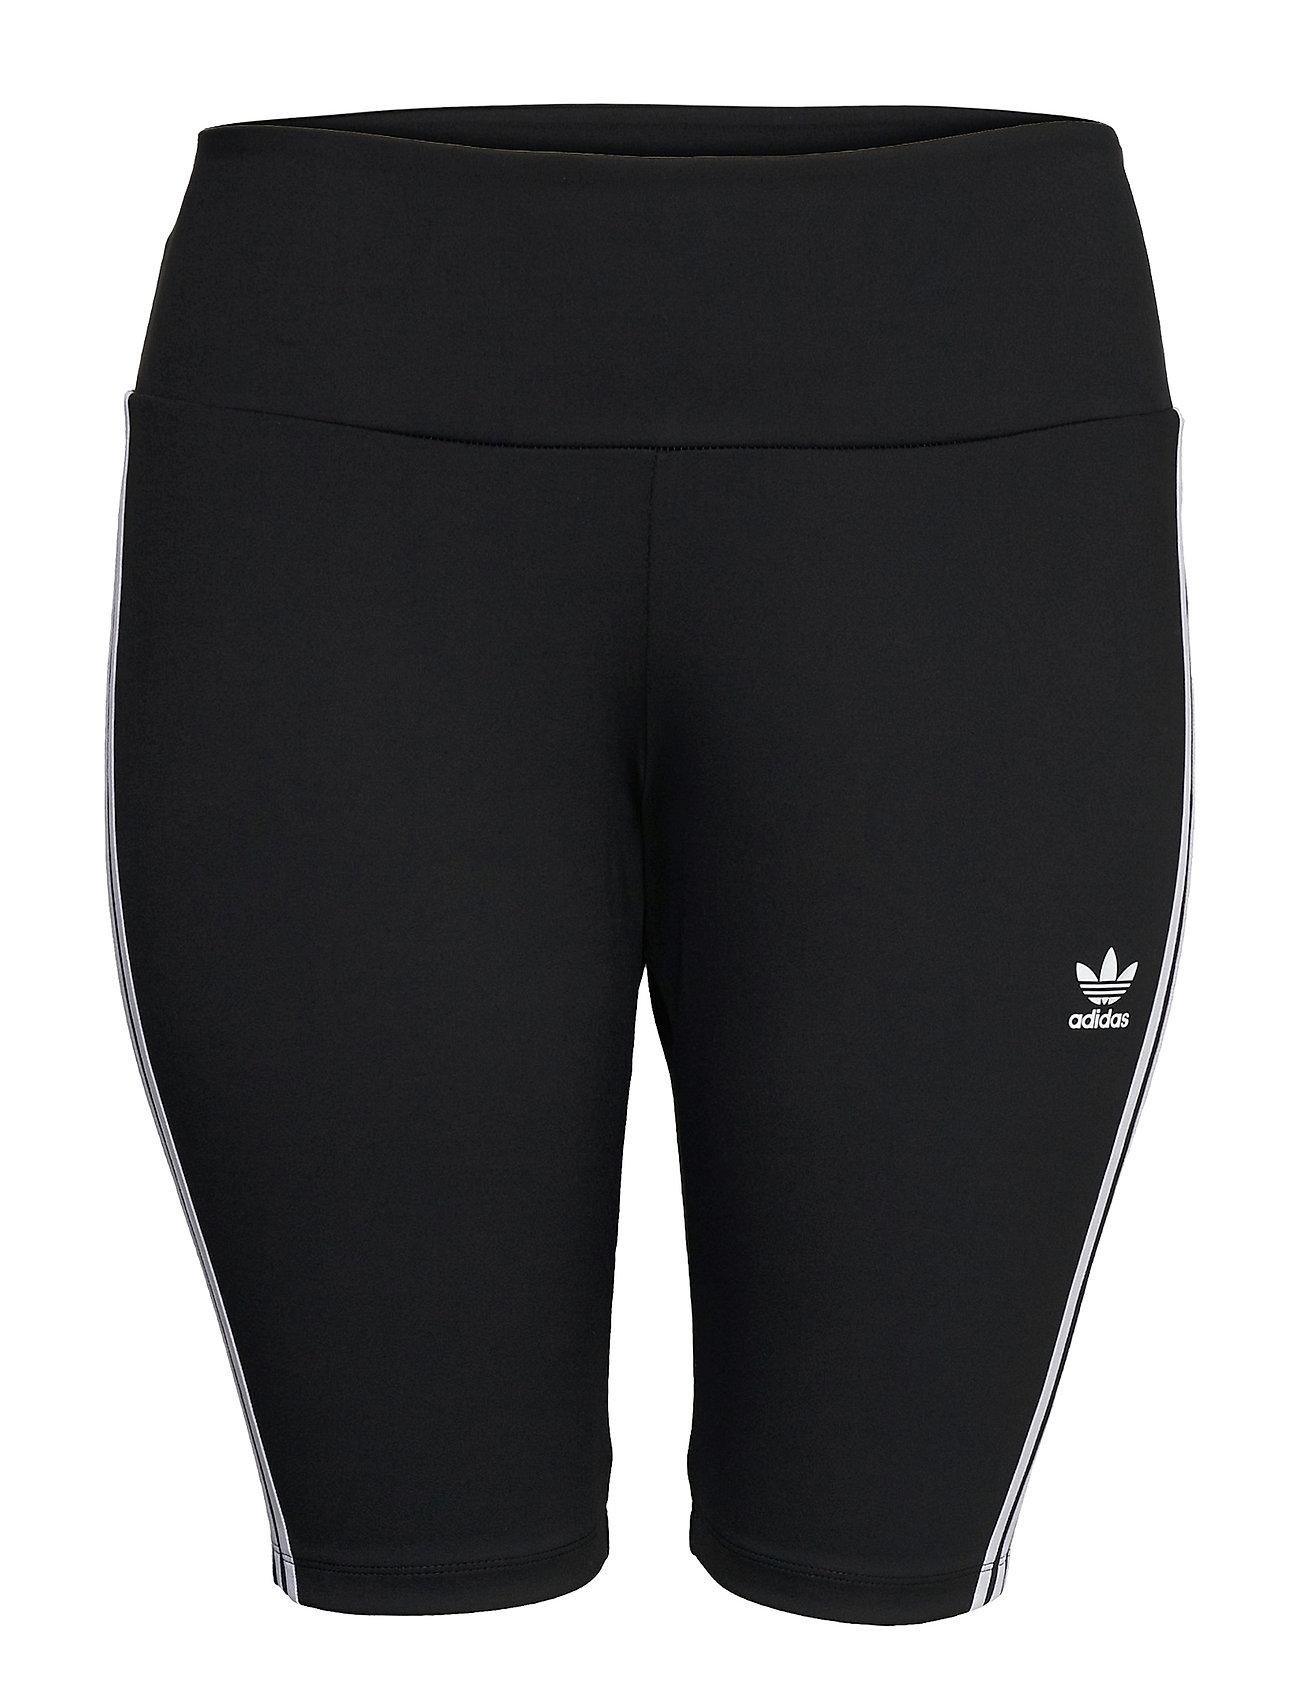 Adicolor Classics Primeblue Hw Short Tights  W Shorts Cycling Shorts Sort Adidas Originals